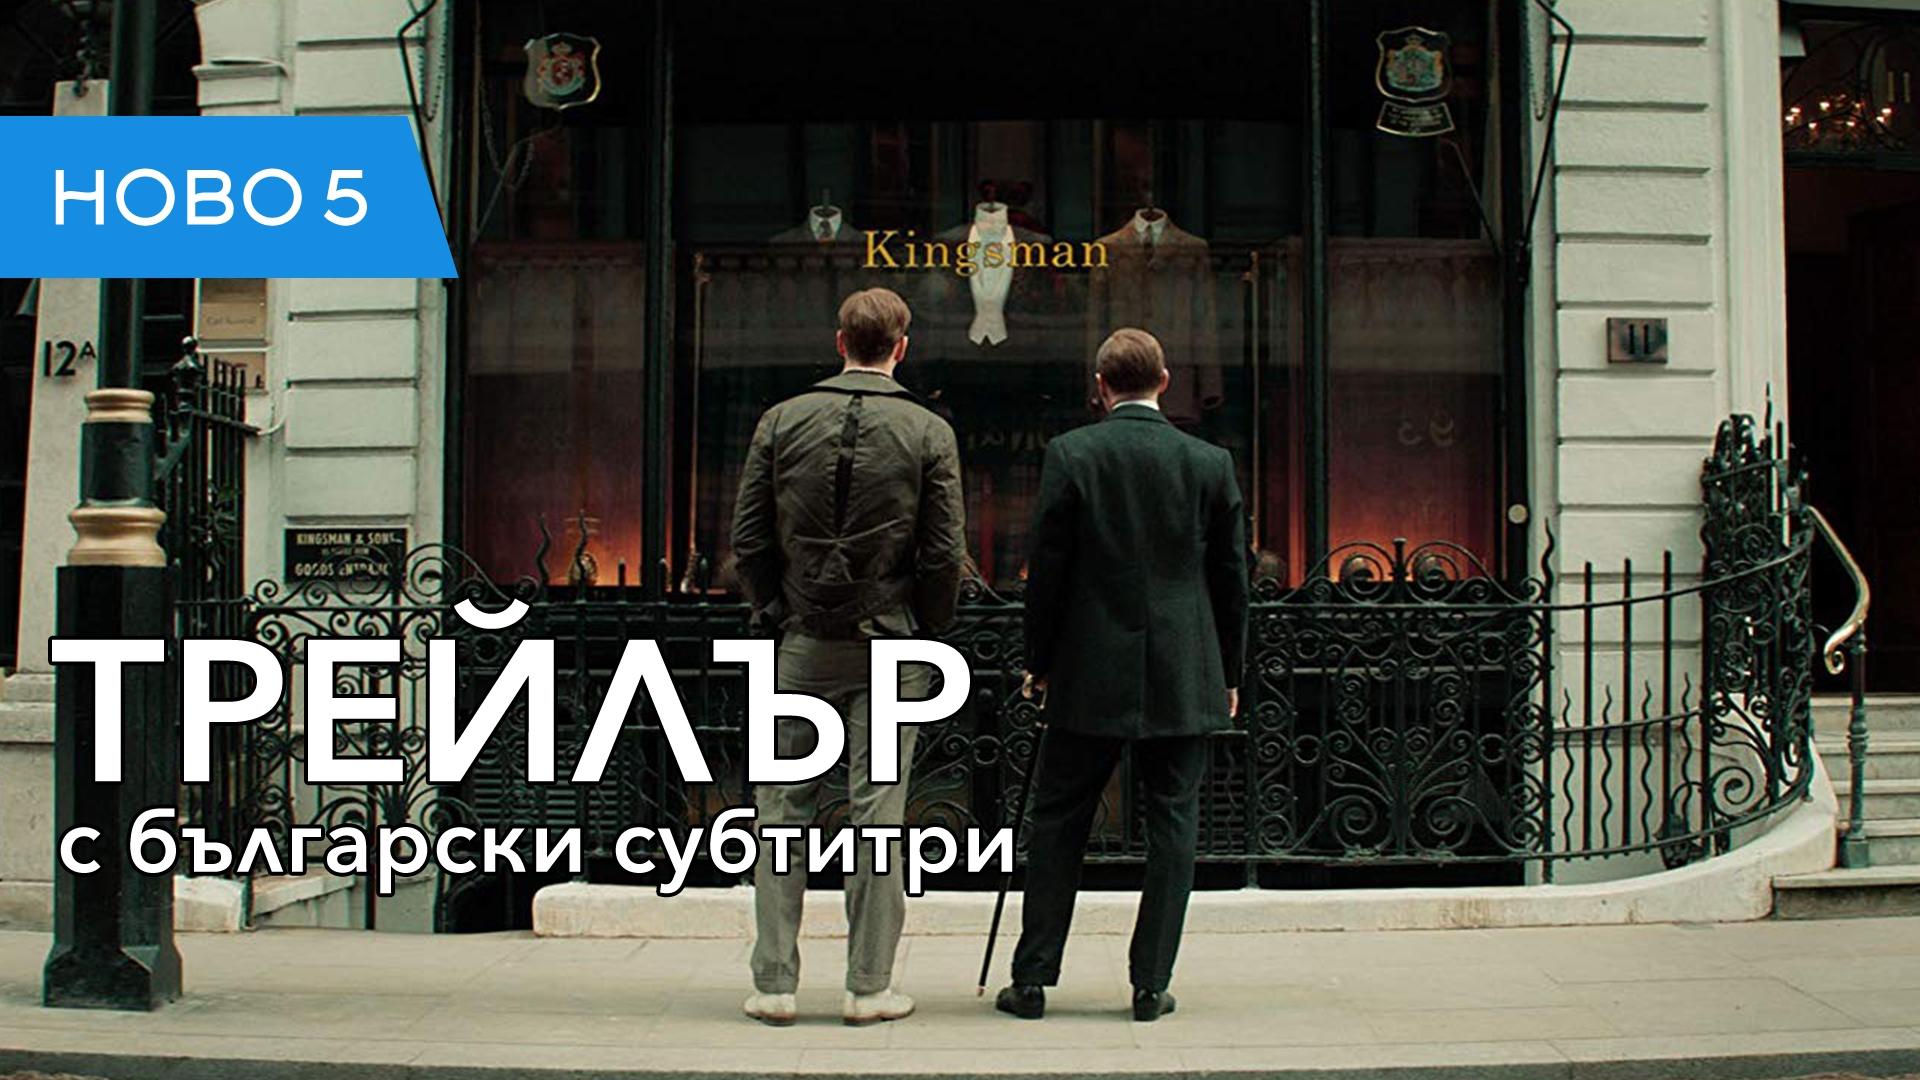 King's Man: Първа Мисия (2020) трейлър с български субтитри